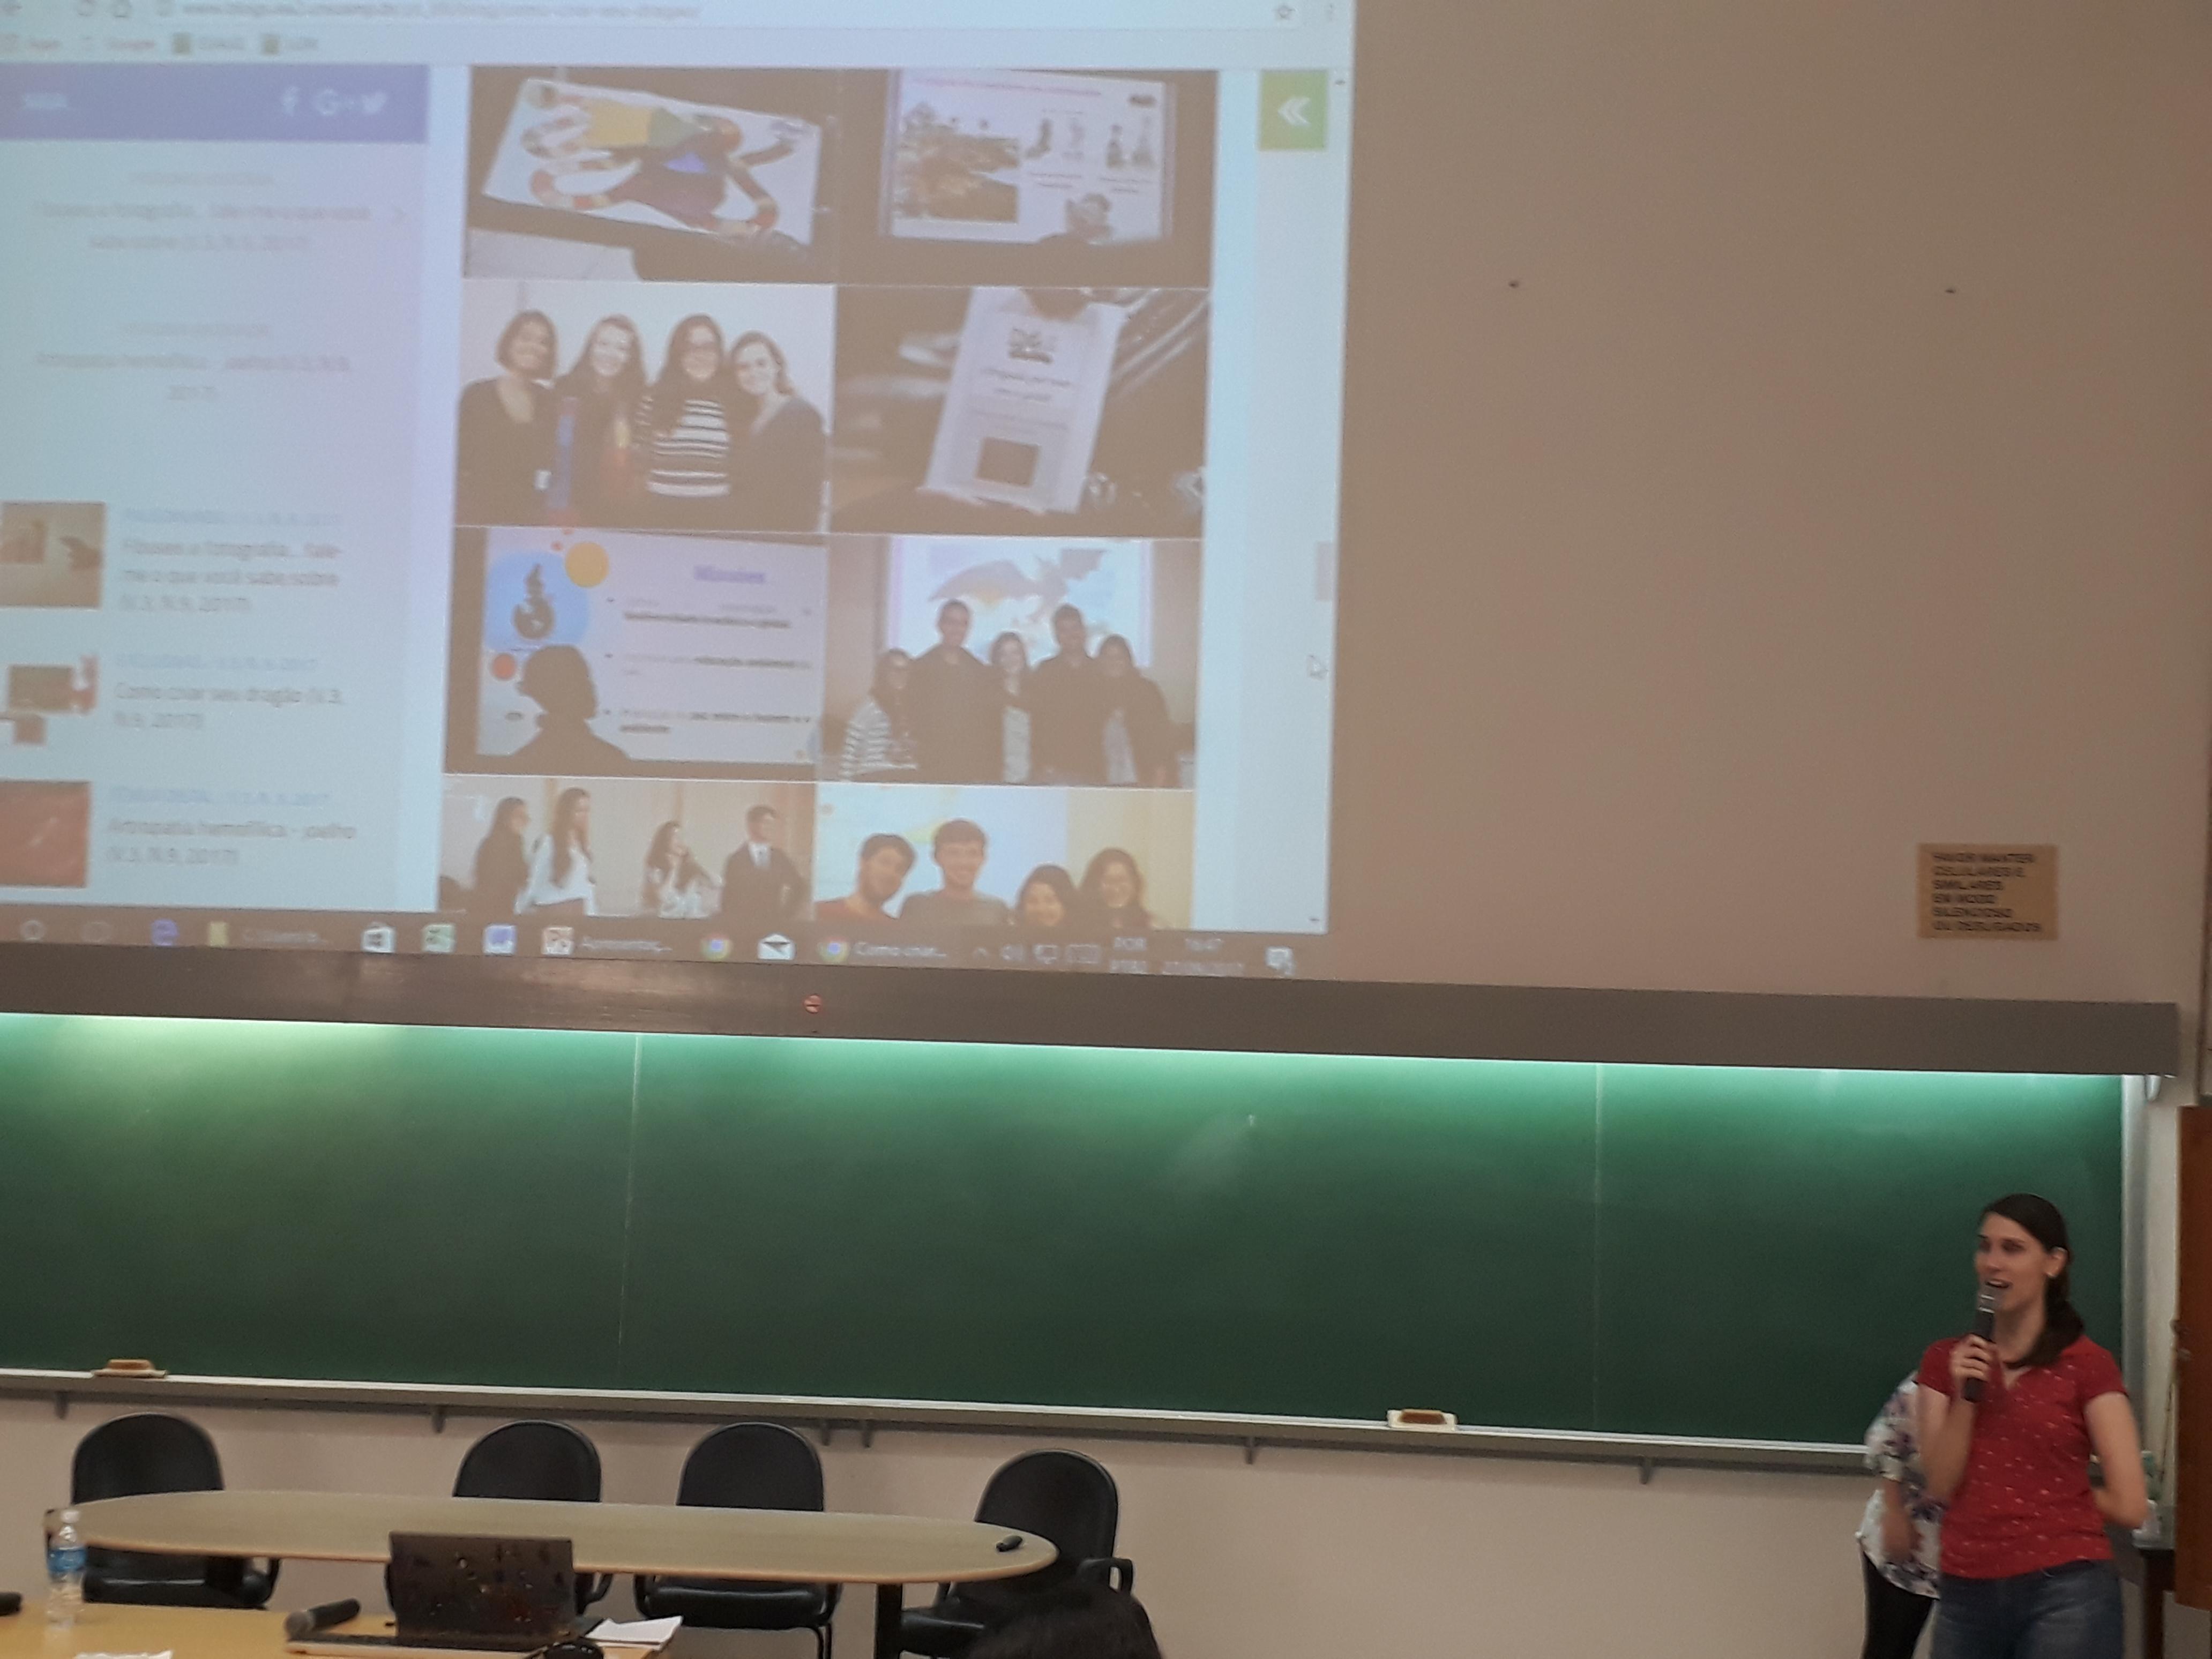 Carol falando sobre os resultados do projeto Nas Asas do Dragão com alunos de Graduação em Ciências Biológicas, na disciplina de Biologia do Desenvolvimento. A proposta principal foi integrar pesquisa, ensino e extensão.